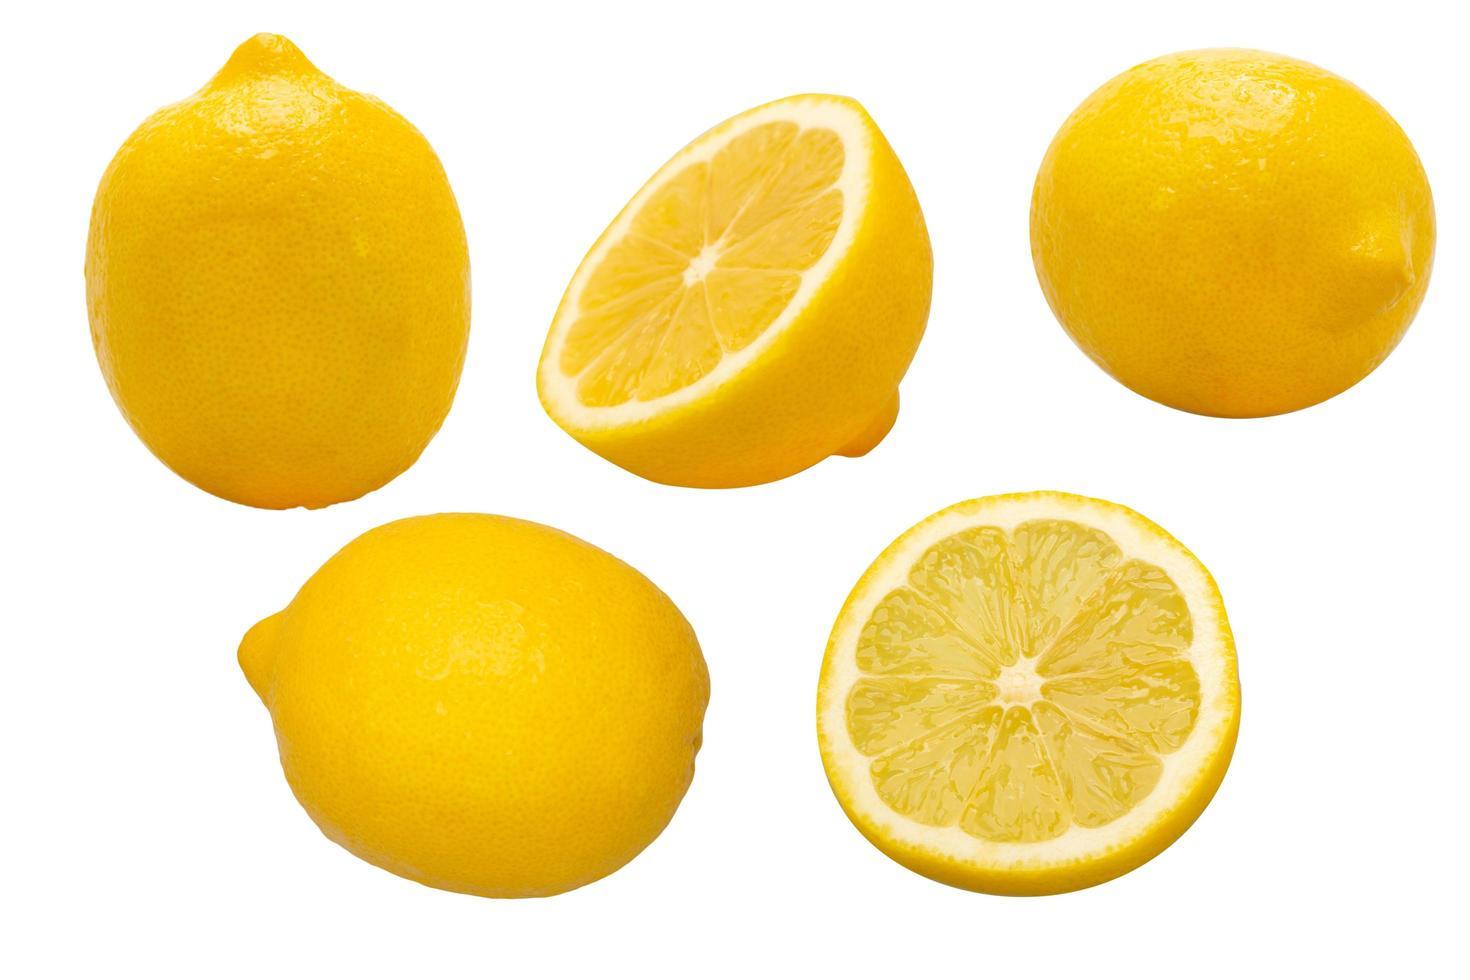 groep gele citroenen foto